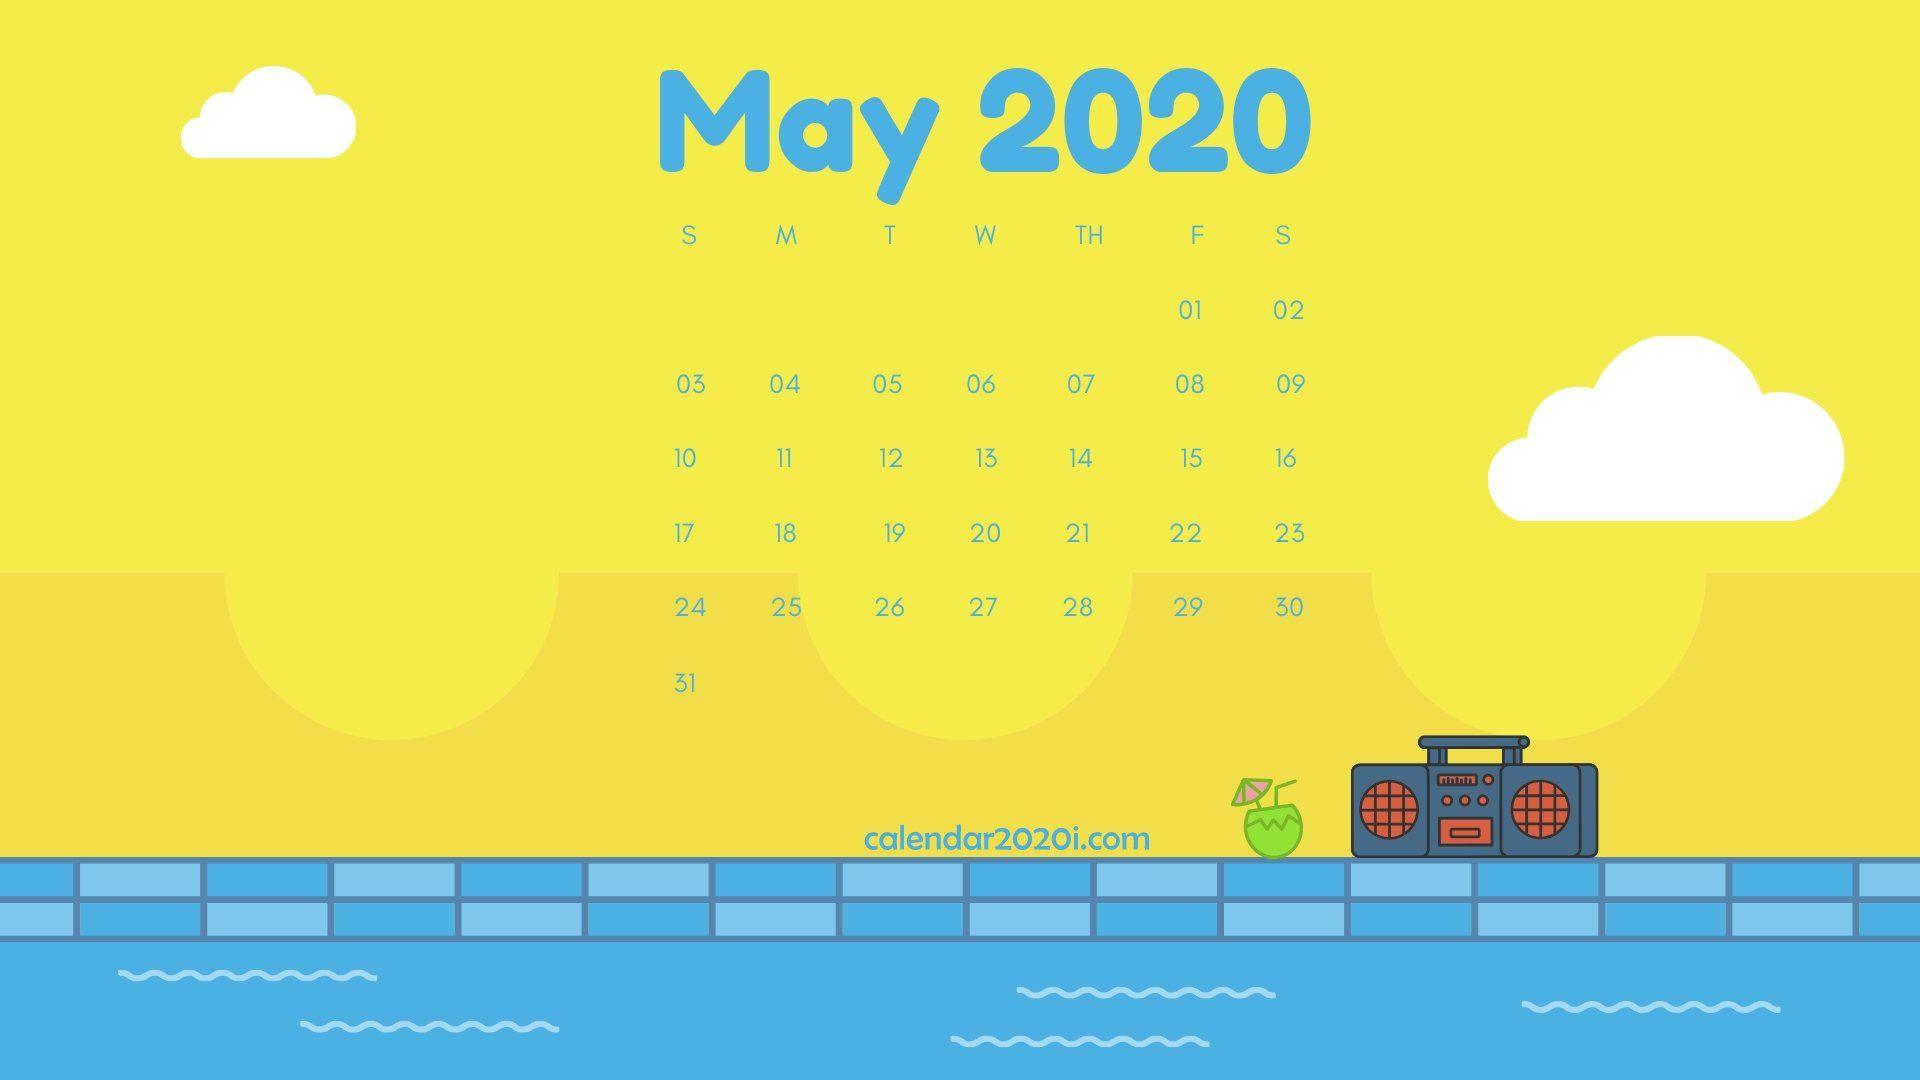 May 2020 Calendar Desktop Wallpaper Calendar wallpaper July 1920x1080